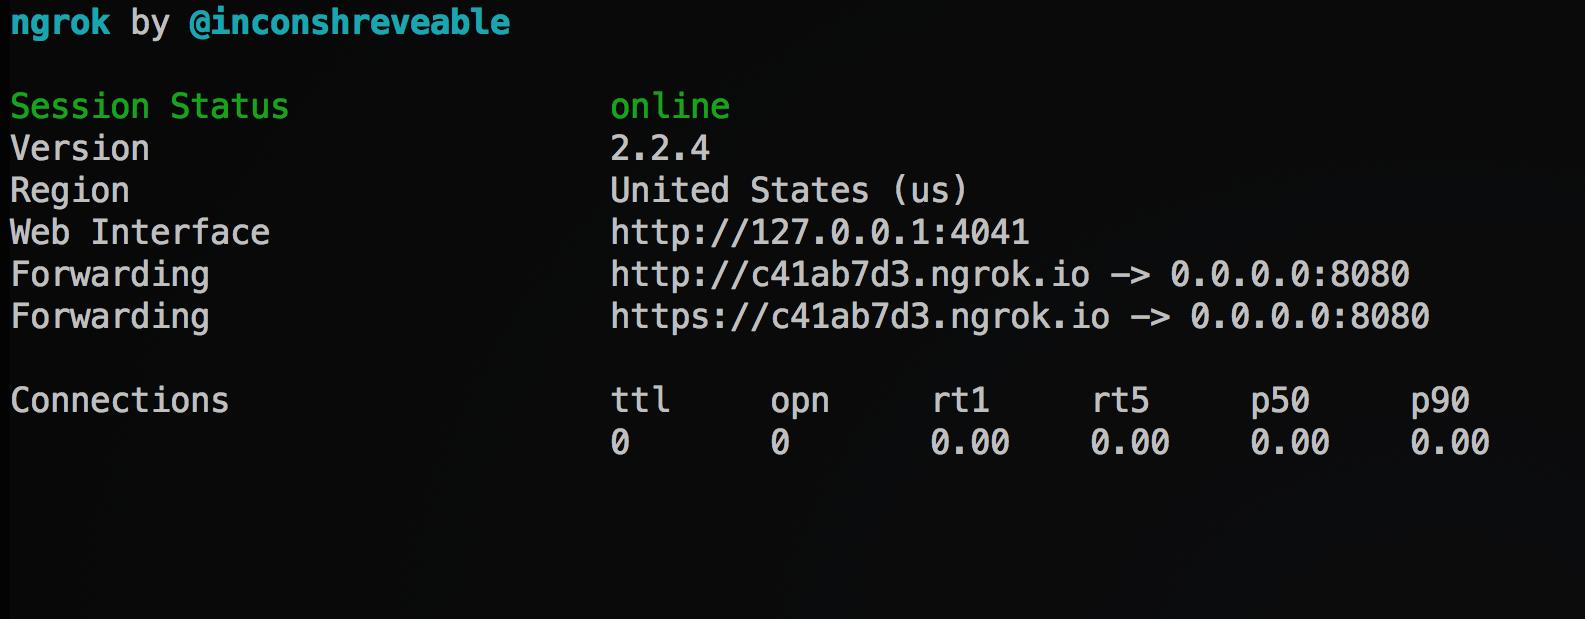 ngrok terminal output